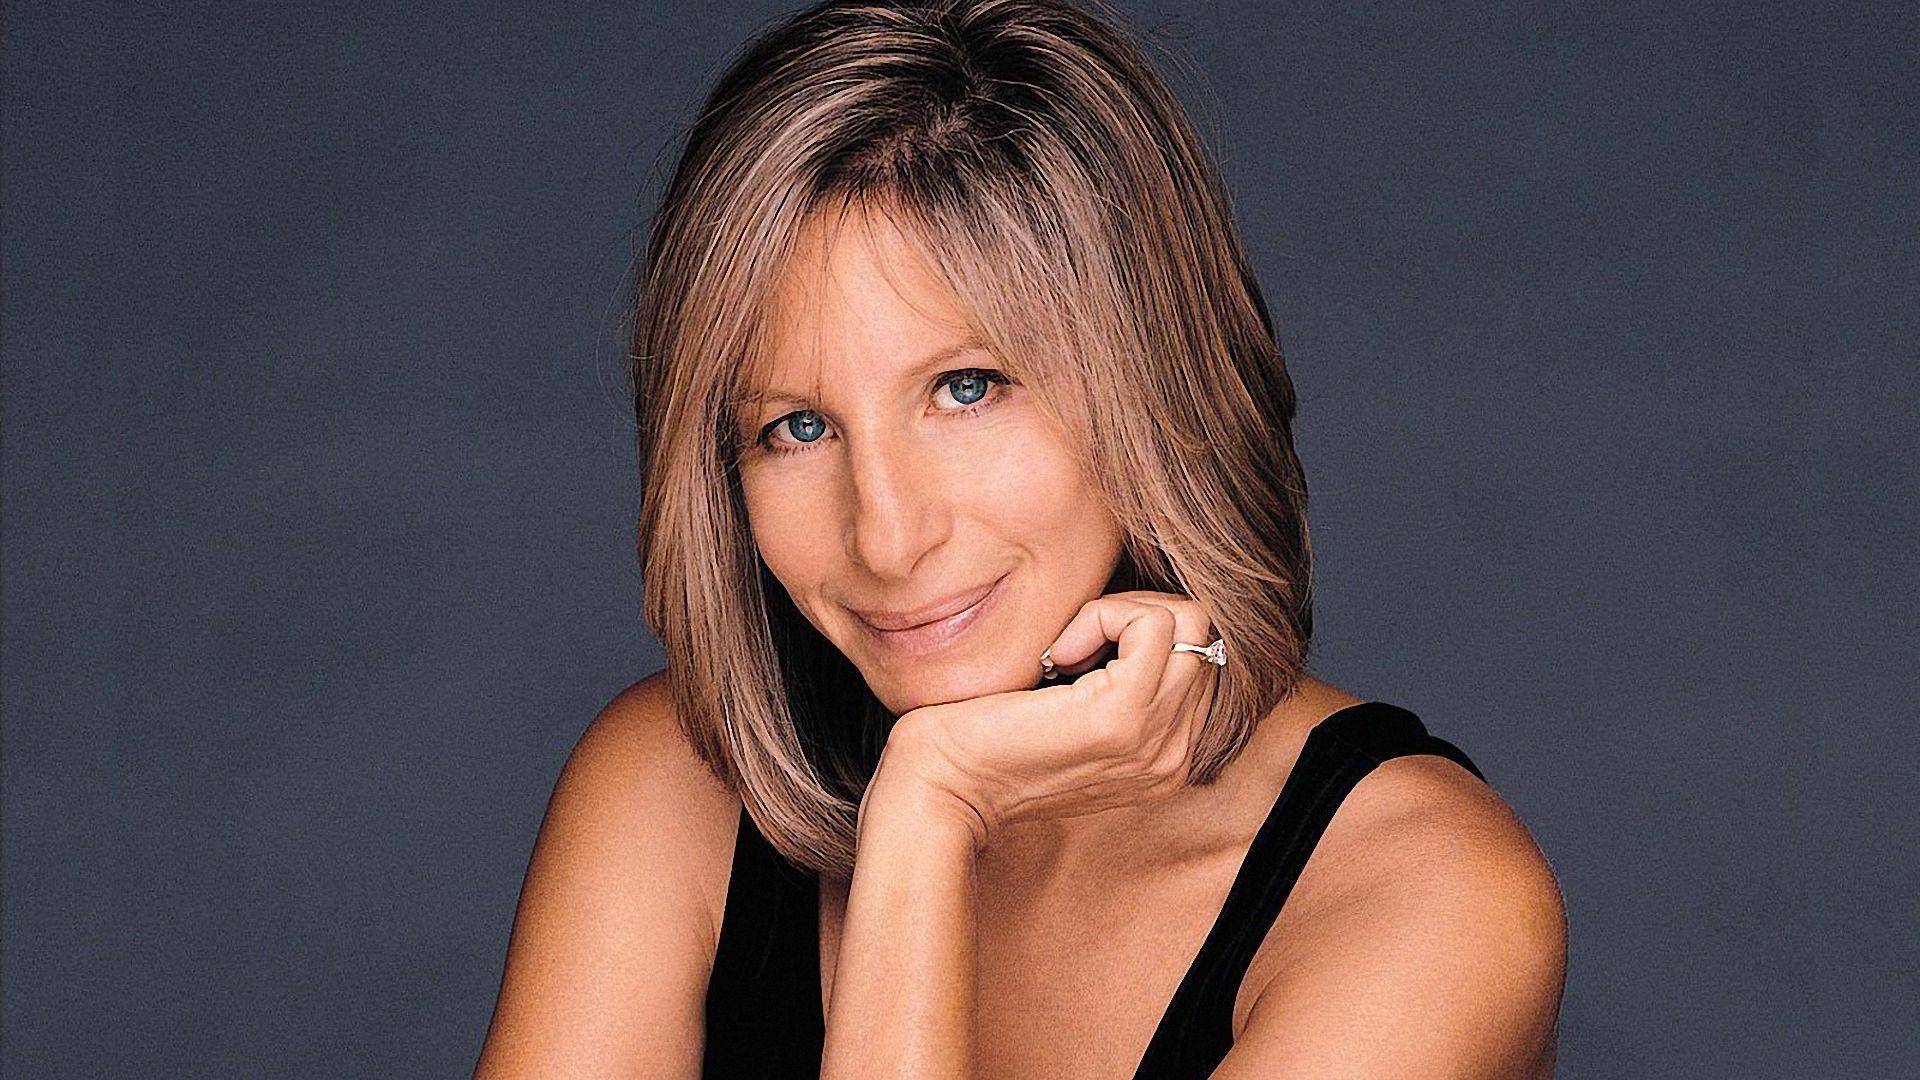 Barbra Streisand Widescreen